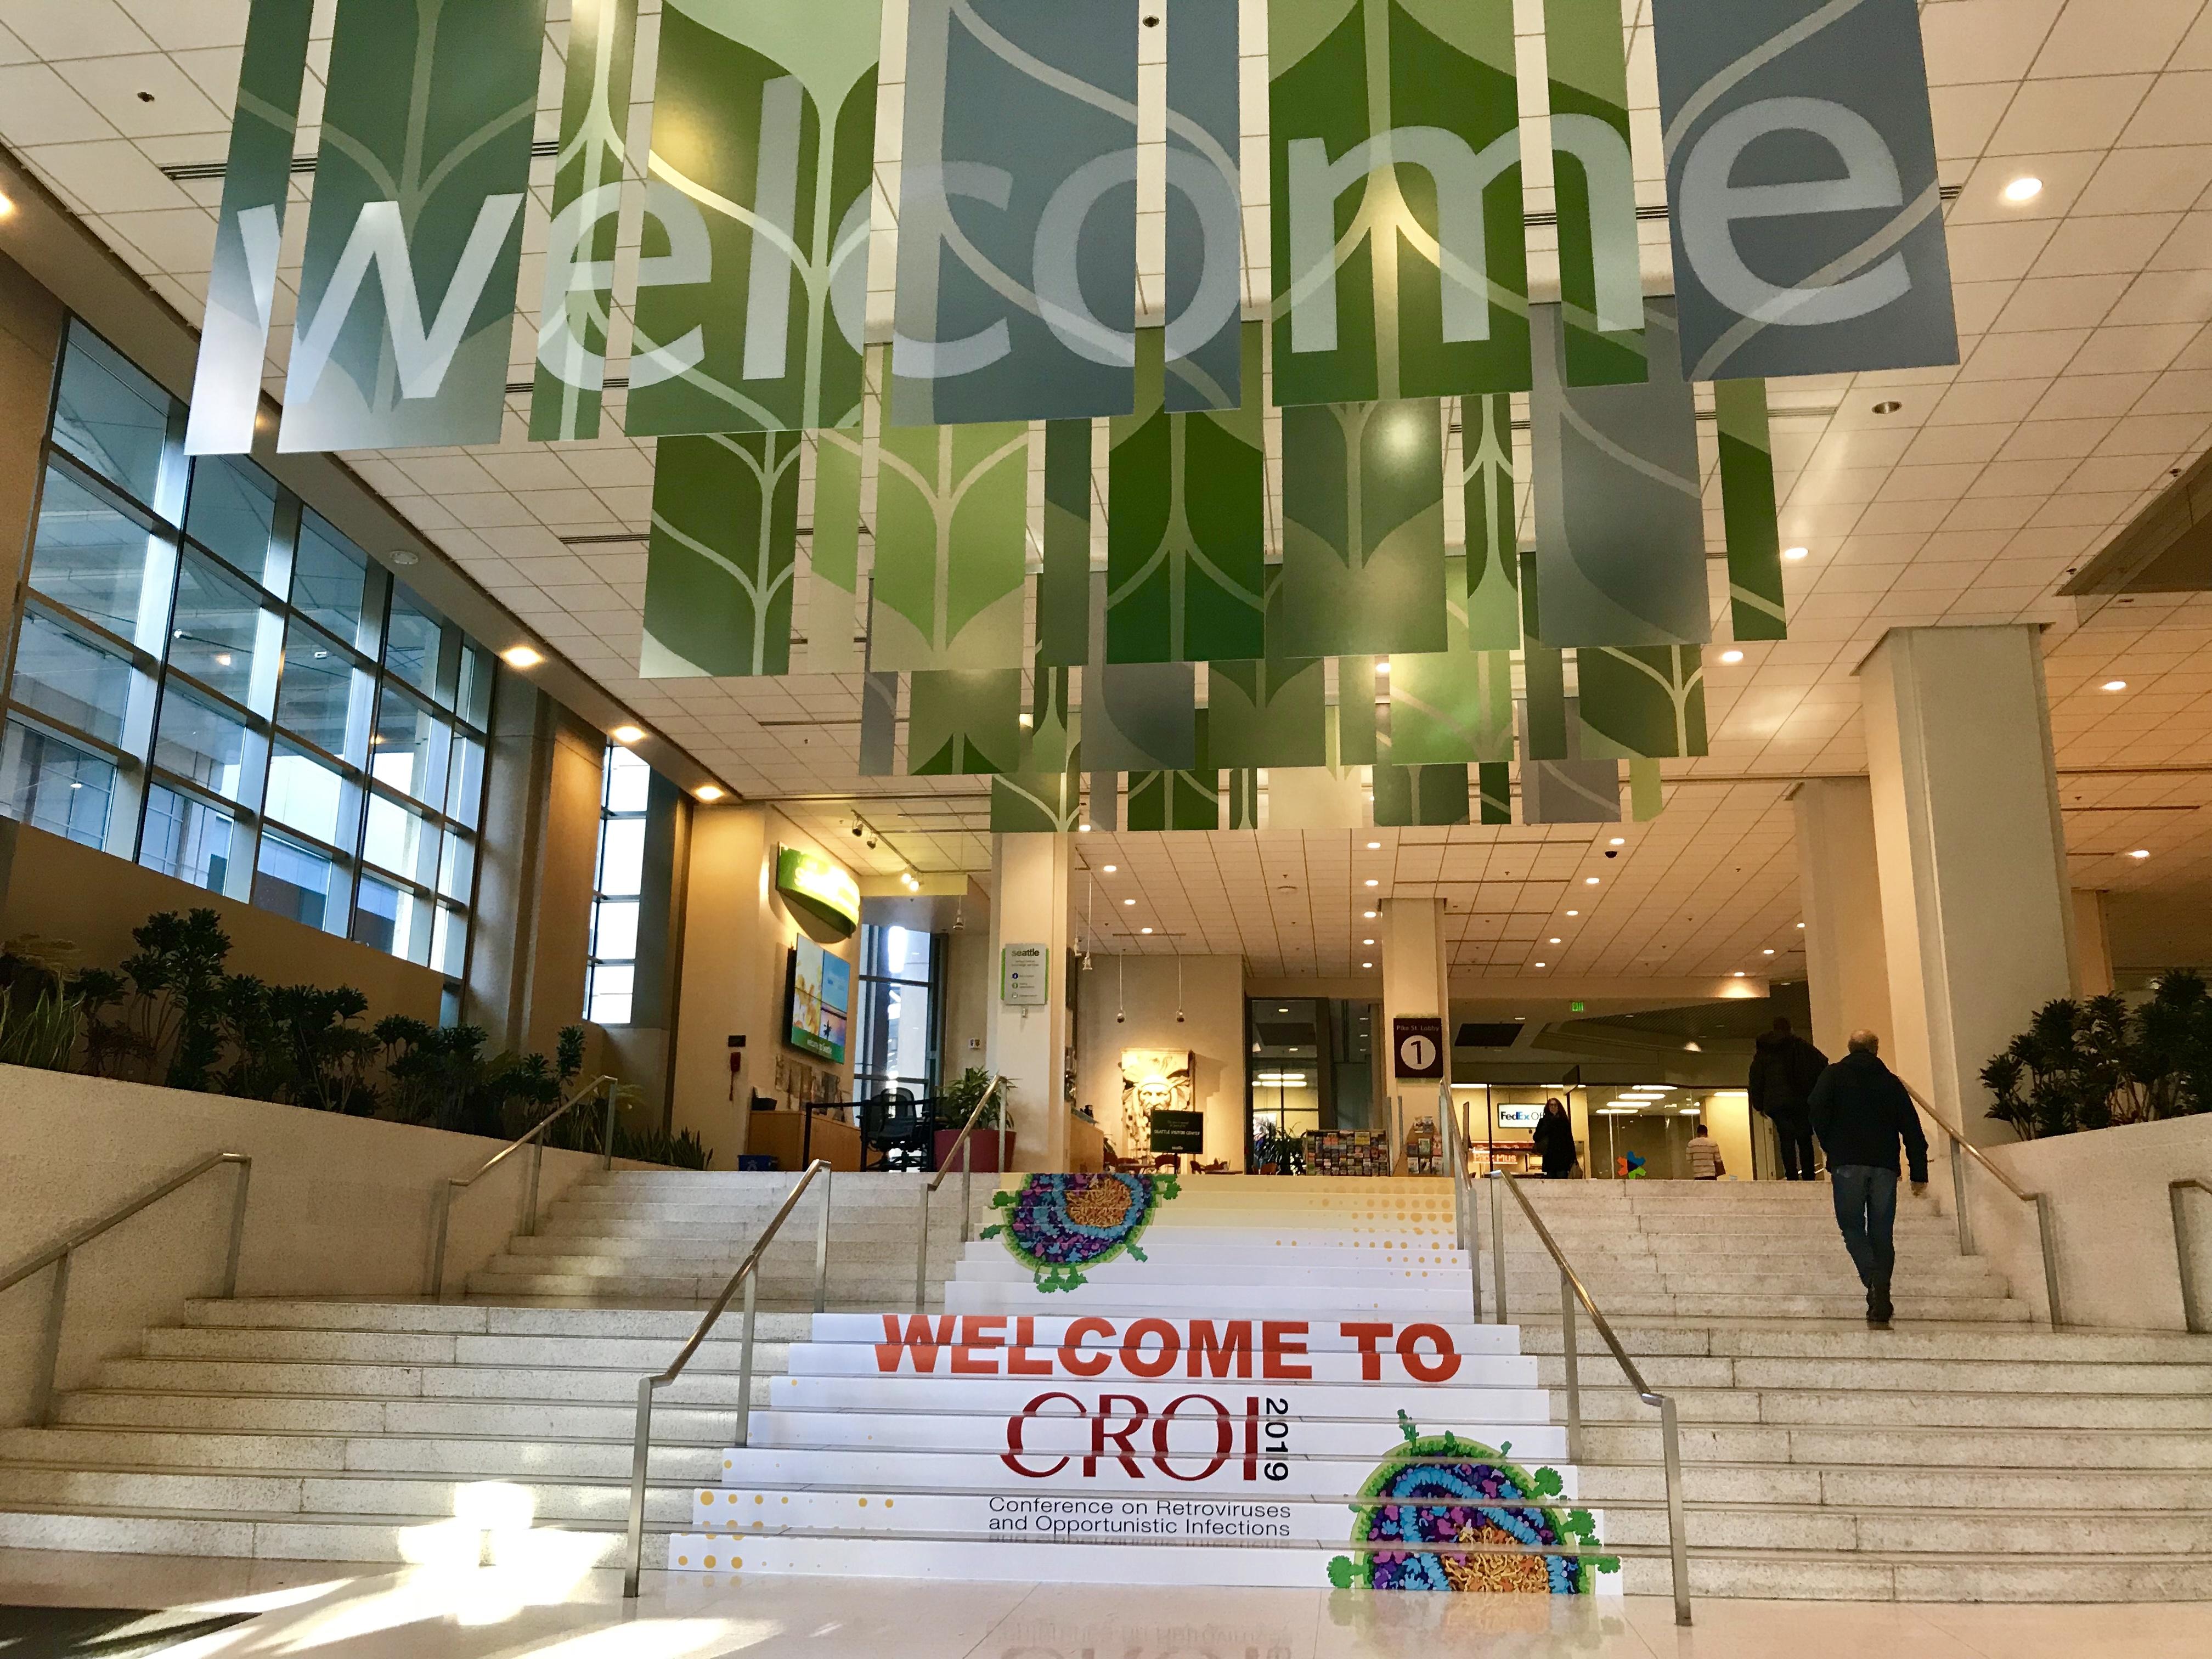 Итоги конференции CROI2019: коротко о главном - изображение 1